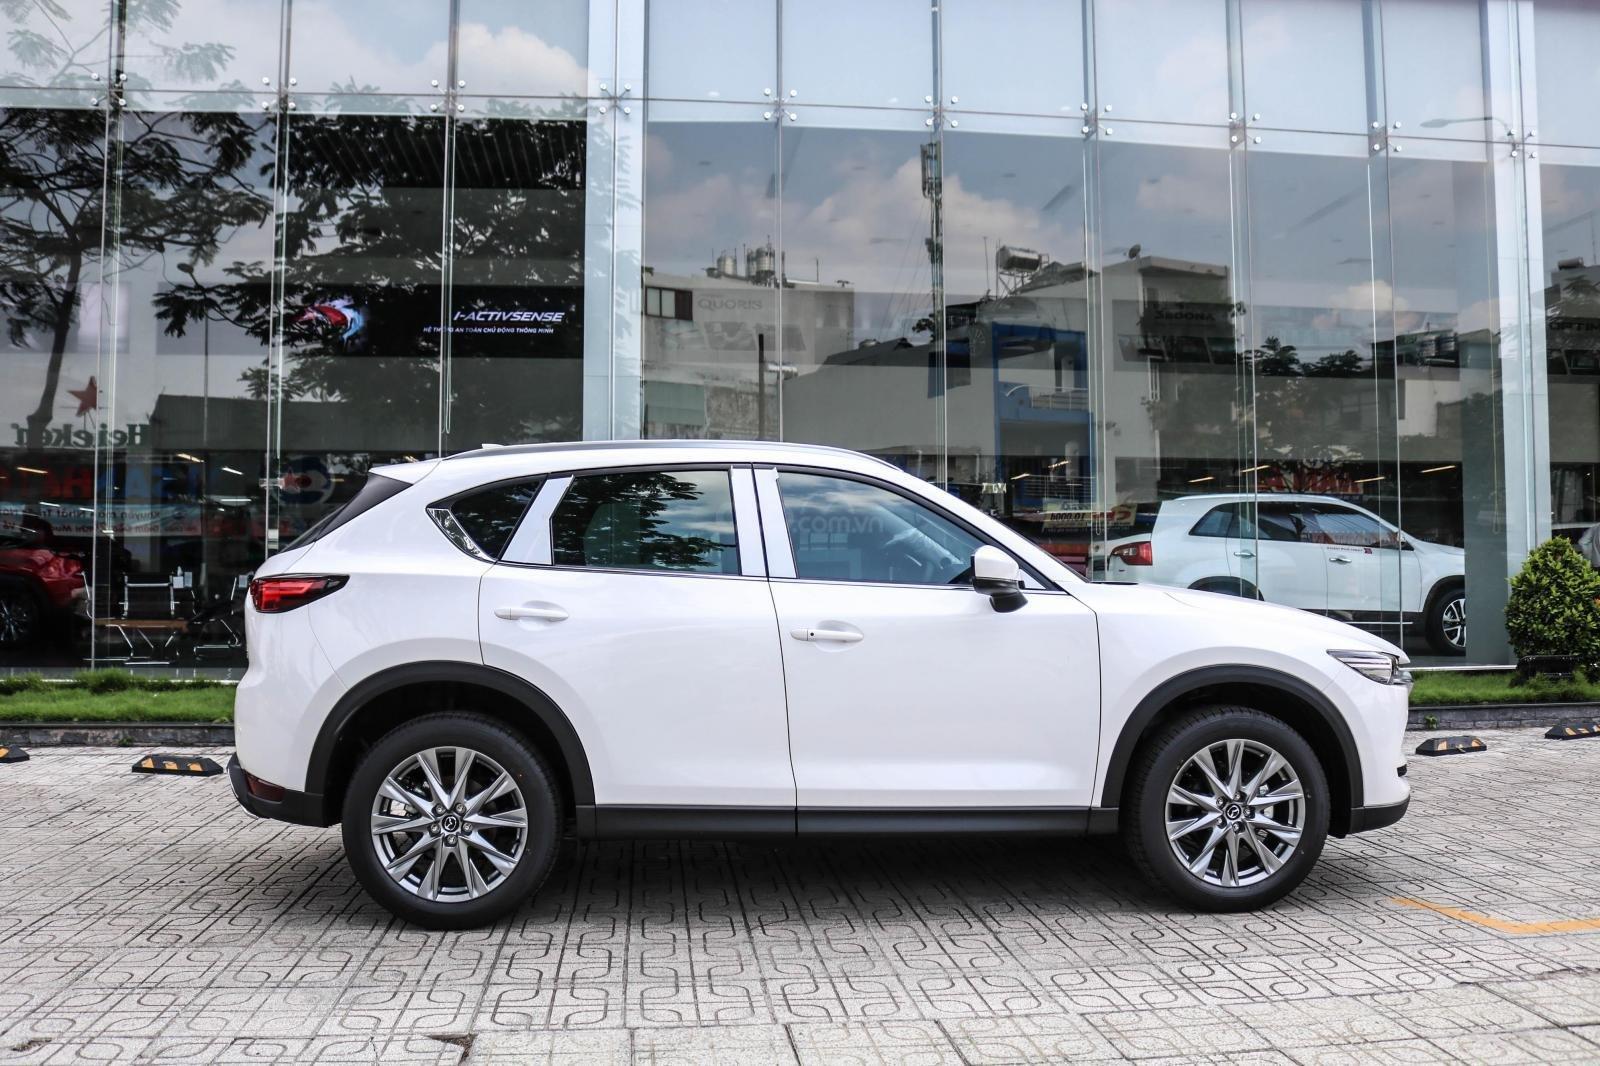 [TPHCM] New Mazda CX5 - ưu đãi hơn 60tr - hổ trợ bảo hiểm thân vỏ và phụ kiện - Chỉ 275tr (3)